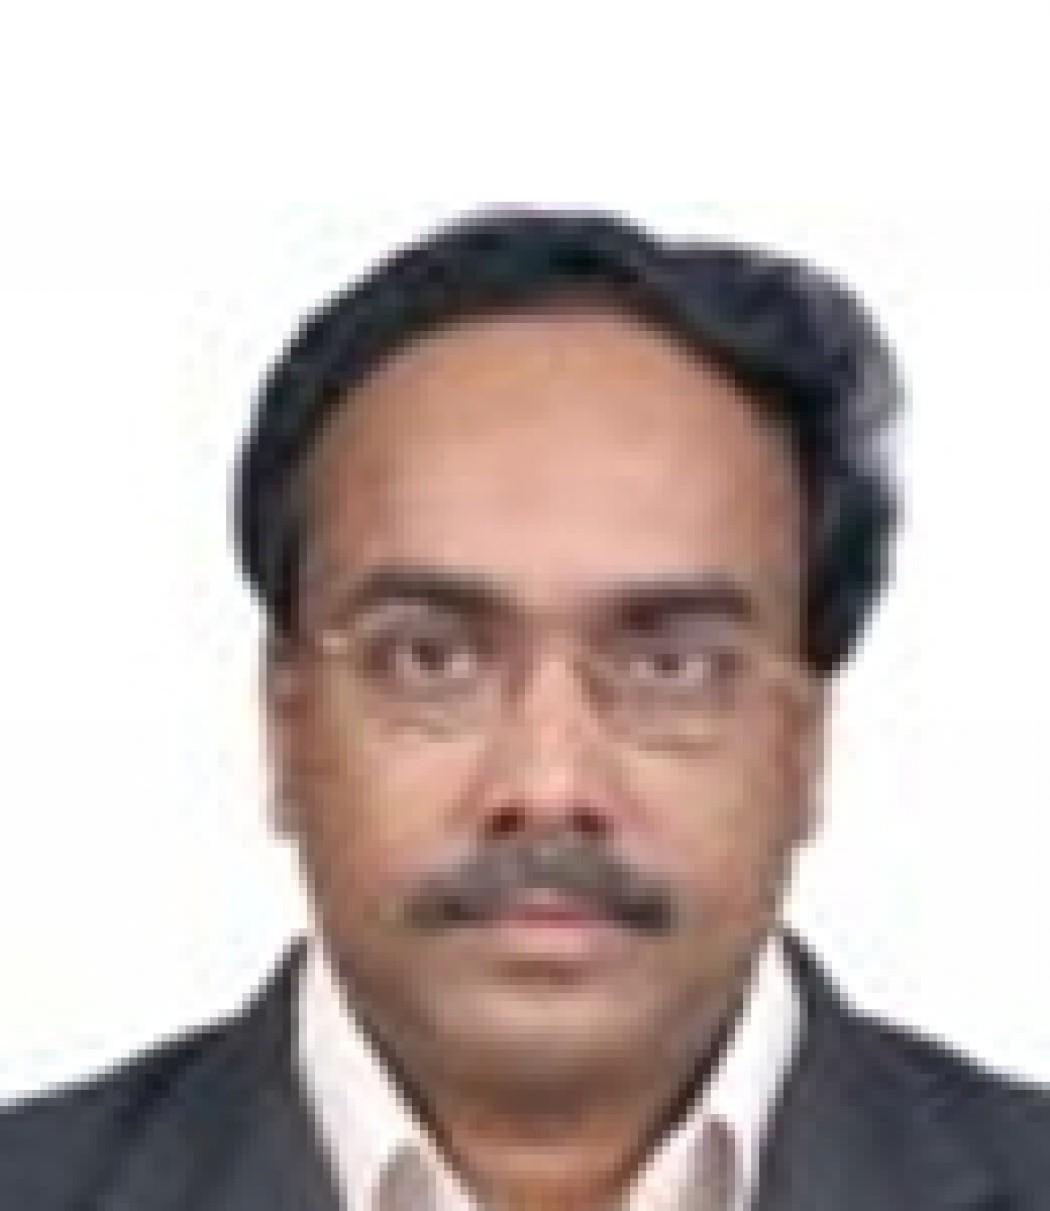 Chandrashekharan Pandyan